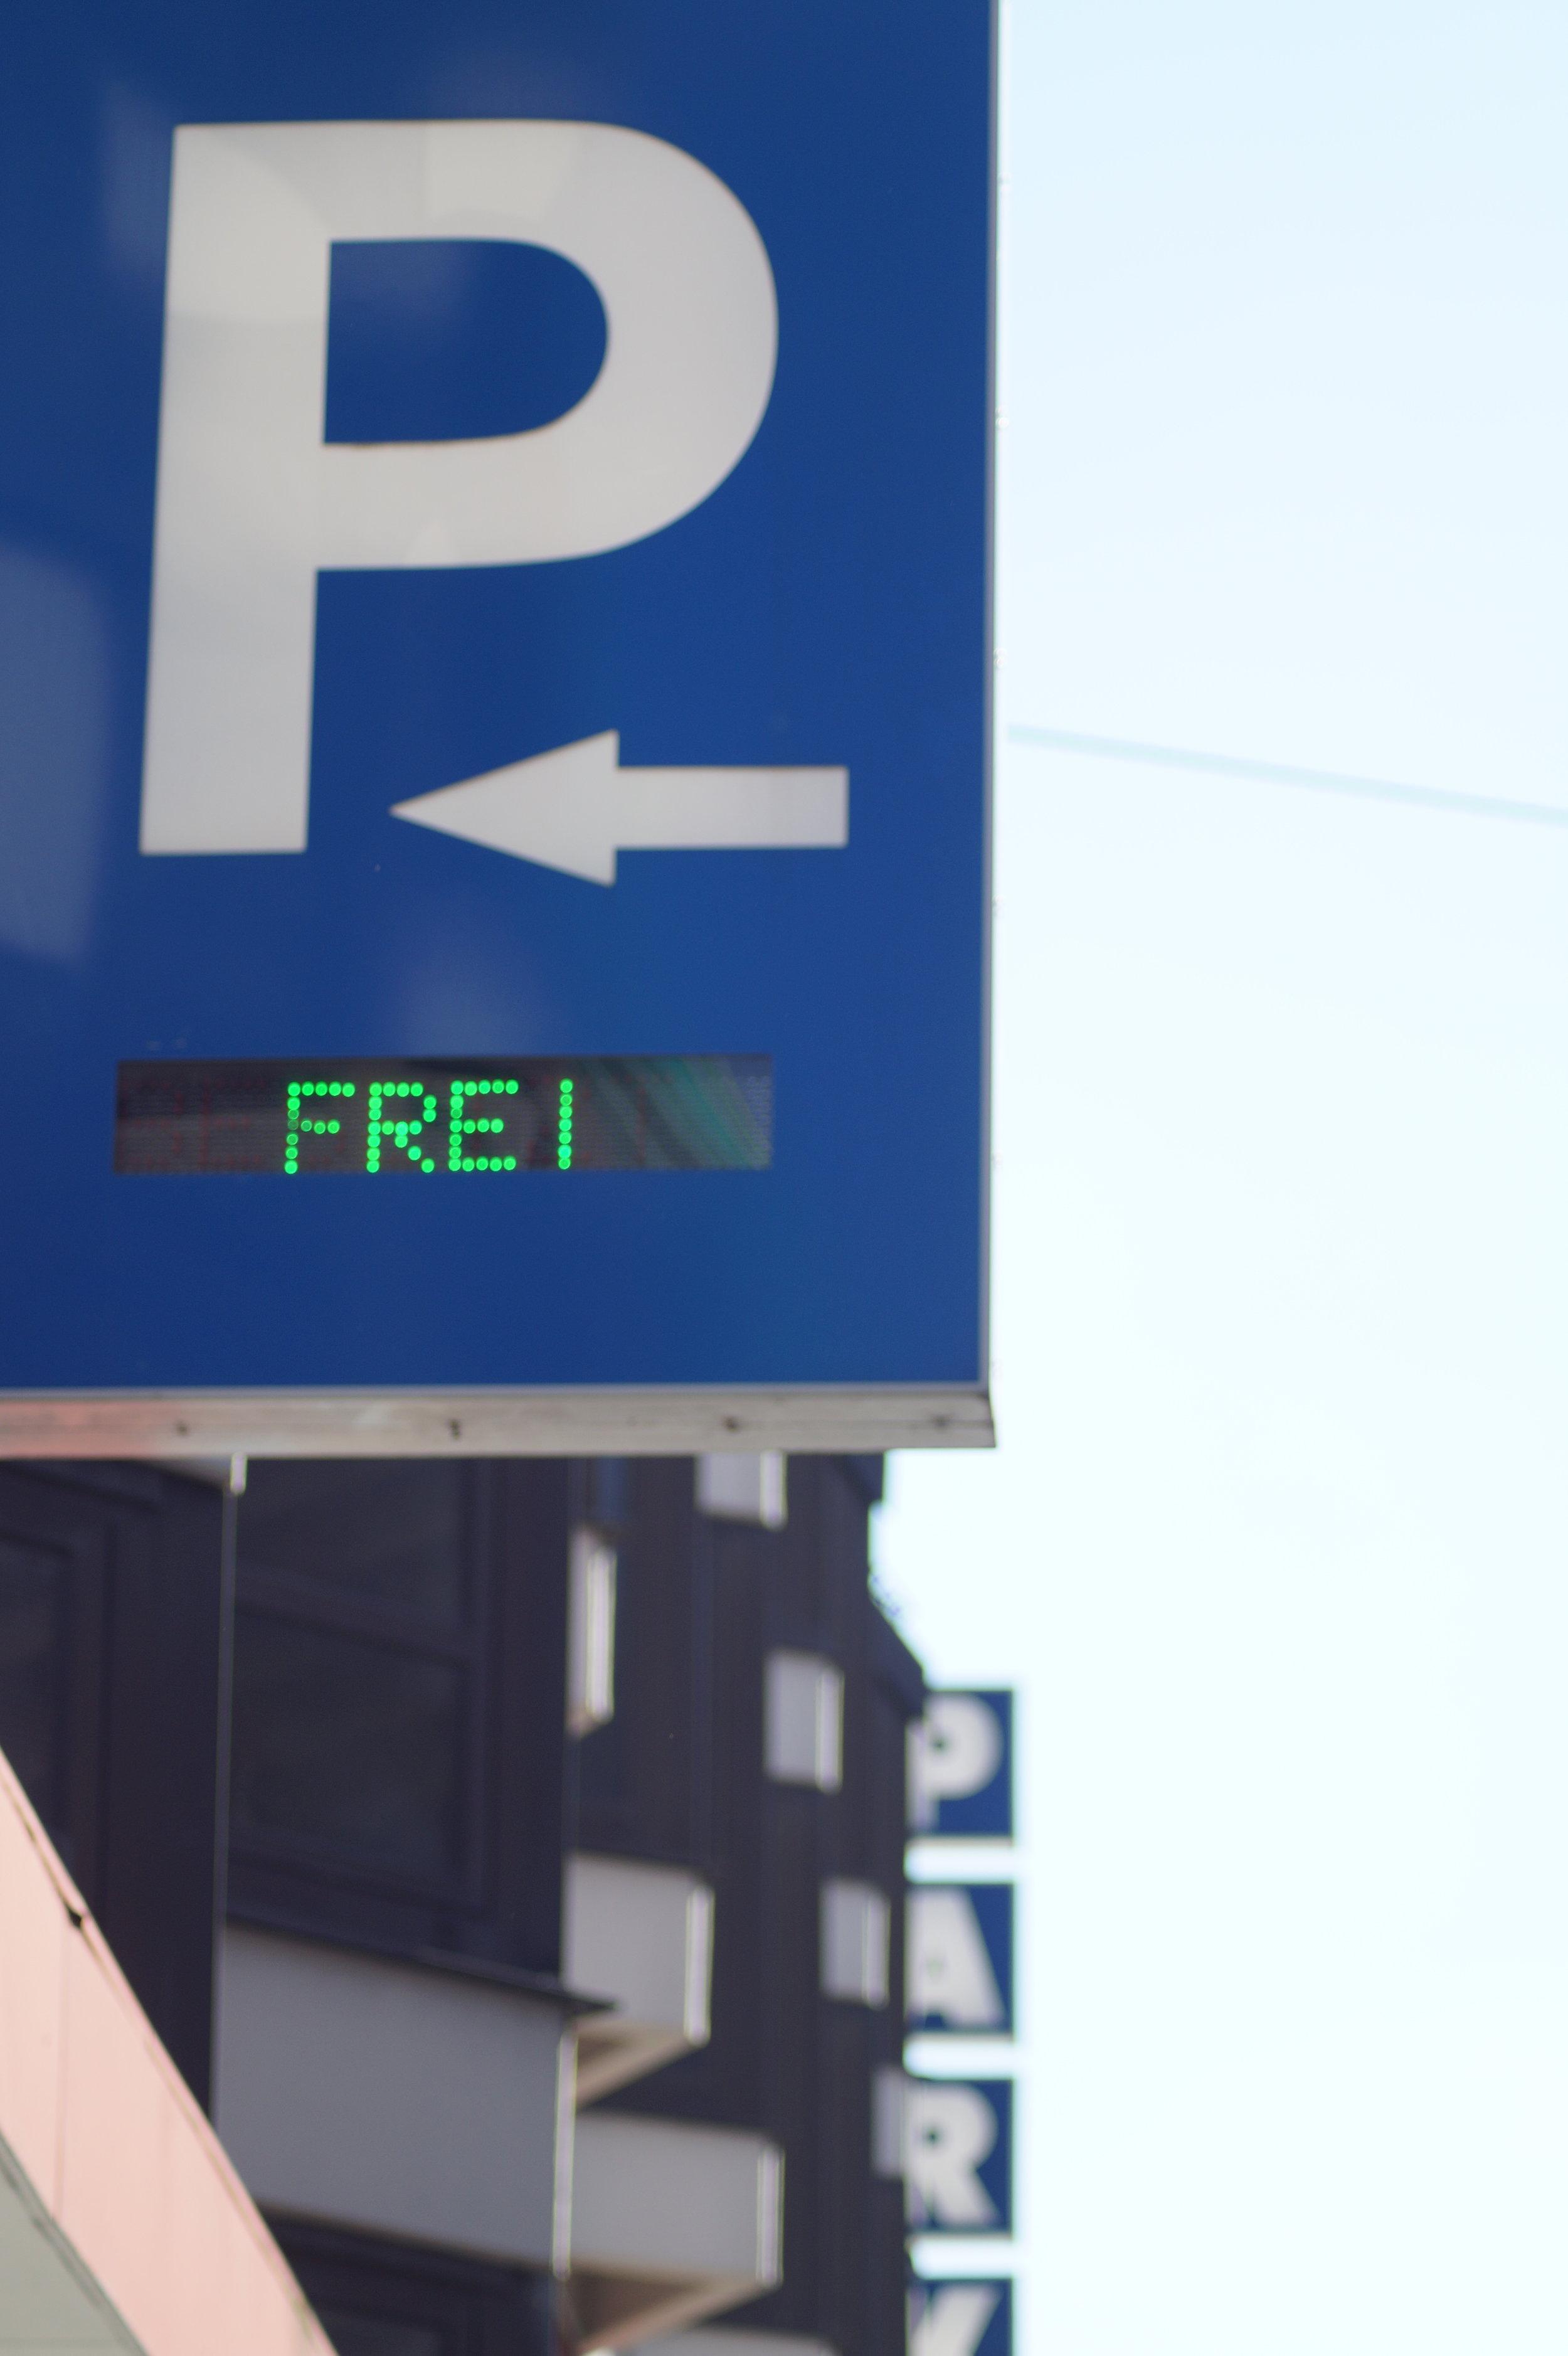 - Aus Richtung Schleizer Straße (B2) oder Plauener Straße (B173)» B2 folgen (Lessingstraße)» Rechts abbiegen auf Poststraße» Links abbiegen auf Kreuzsteinstraße» Links abbiegen auf MarienstraßeAus Richtung Wunsiedler Straße» Wunsiedler Straße weiter auf Hans-Böckler-Straße» Links halten auf MarienstraßeAus Richtung Kulmbacher Straße» Rechts halten auf Jahnstraße» Weiter auf Luitpoldstraße» Links abbiegen auf Marienstraße